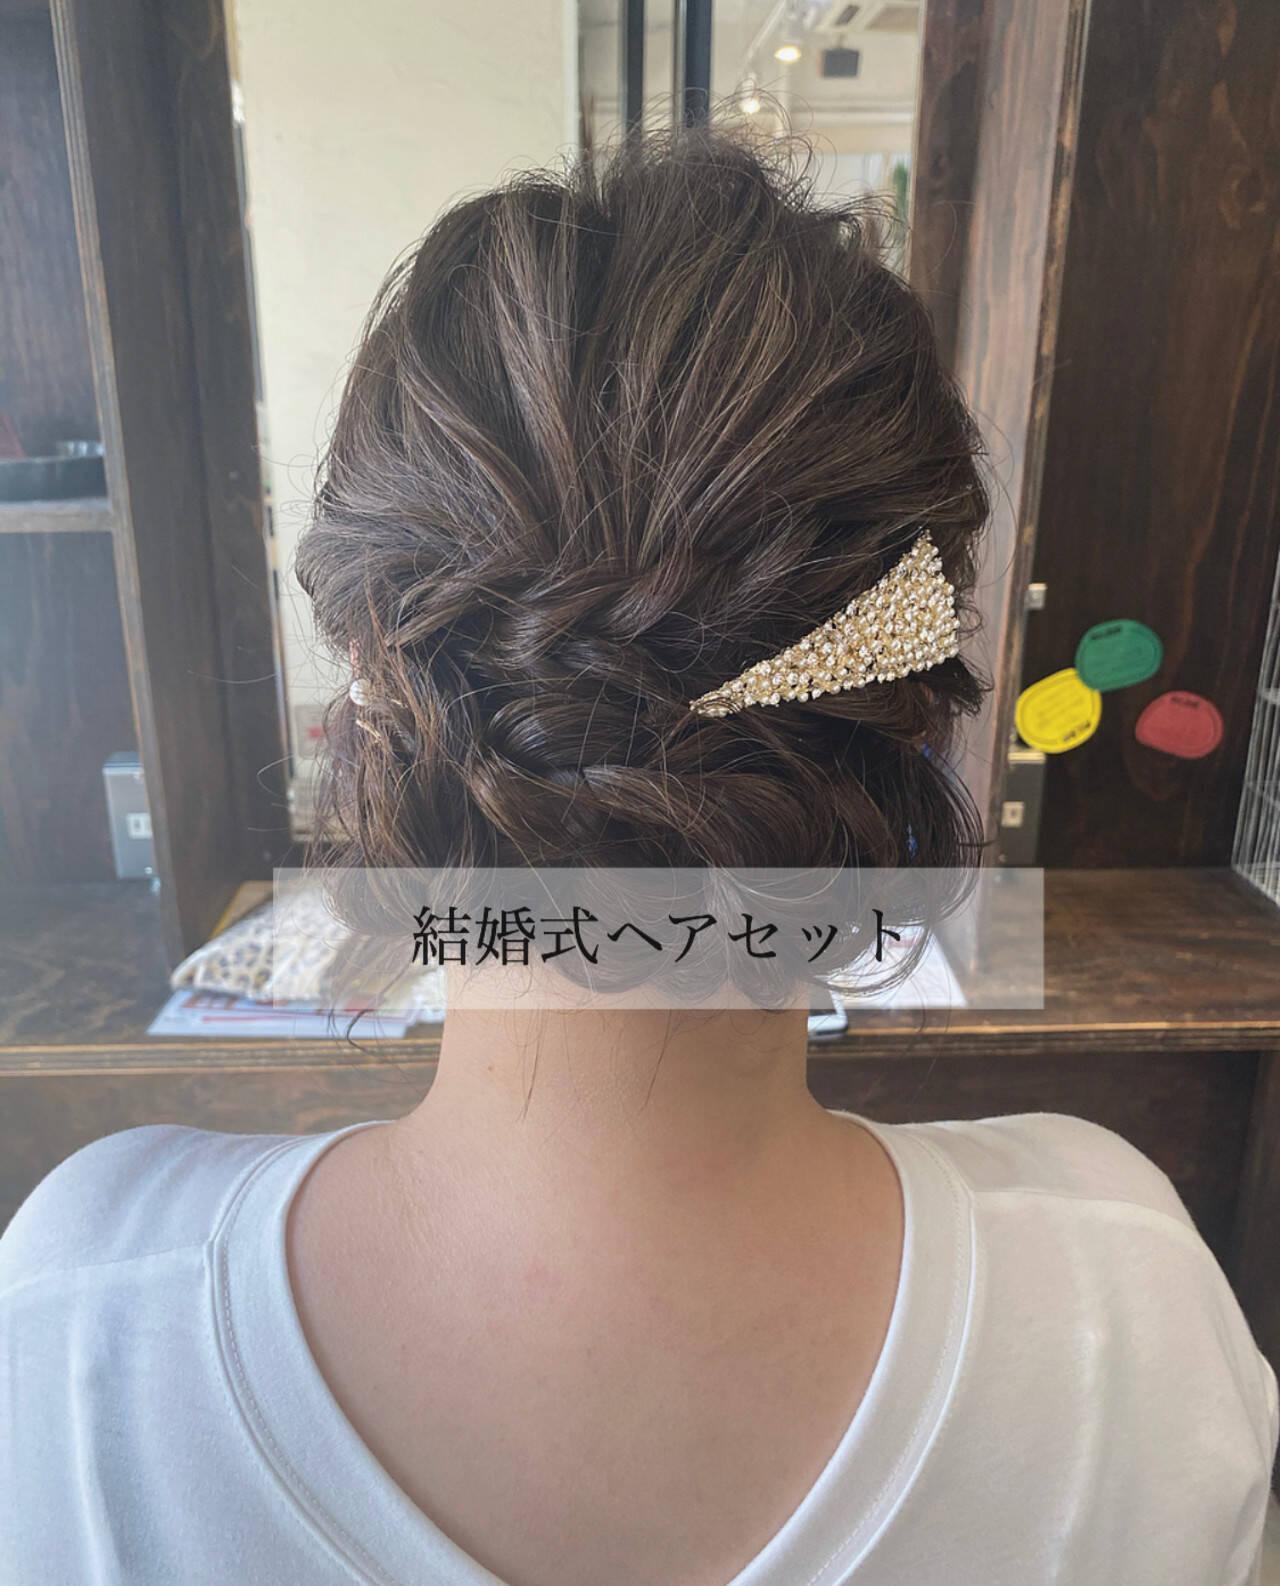 ヘアアレンジ 結婚式ヘアアレンジ 編み込みヘア 編み込みヘアスタイルや髪型の写真・画像